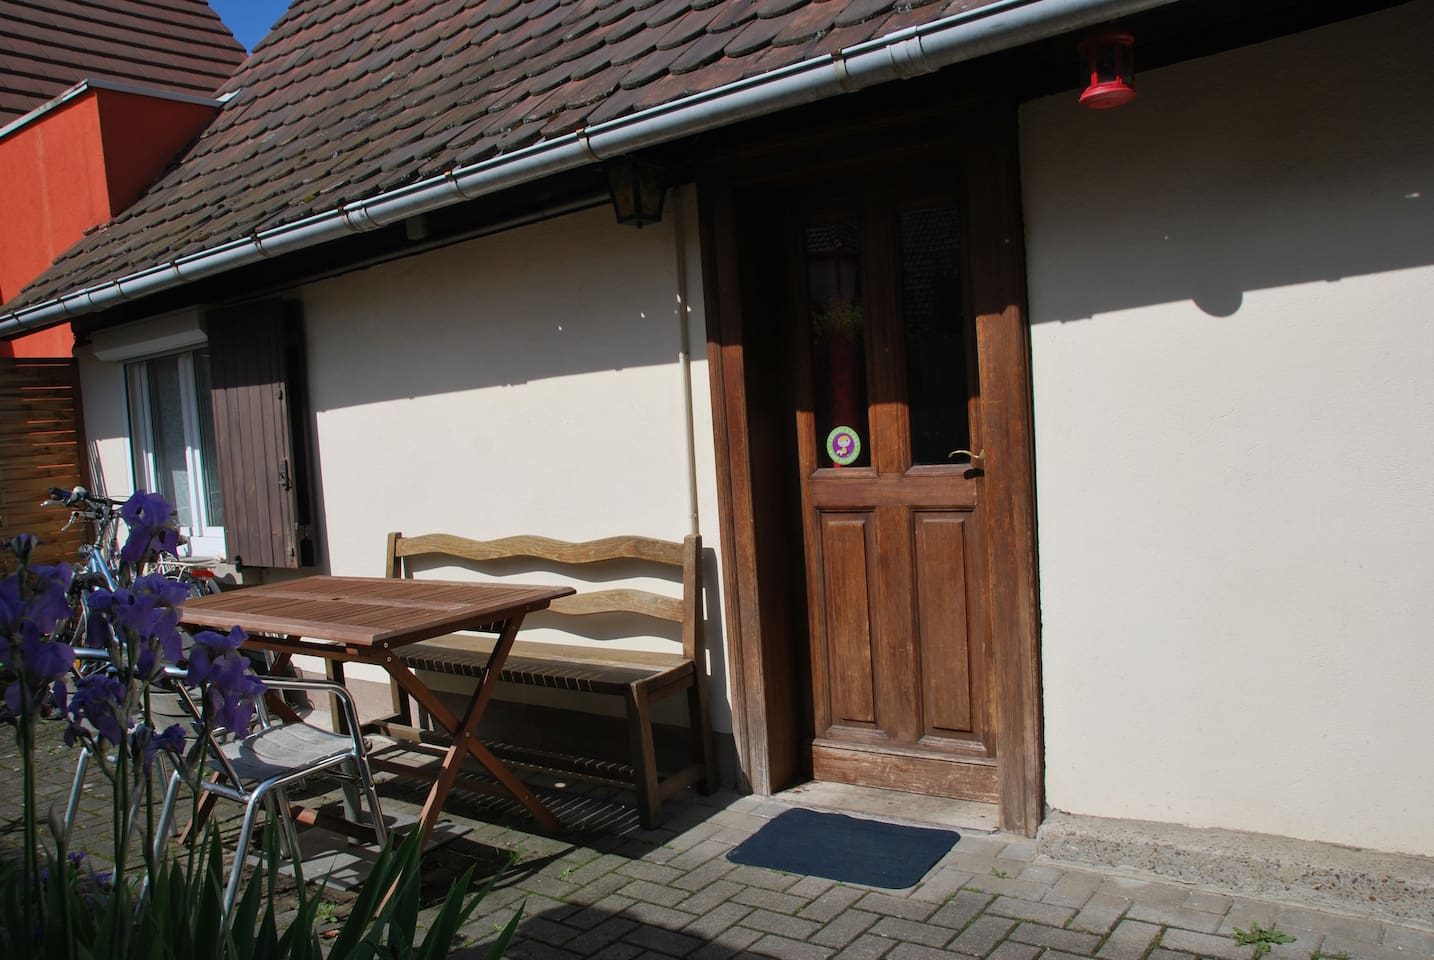 Petite maison alsacienne avec petite cour privative pour profiter du soleil.